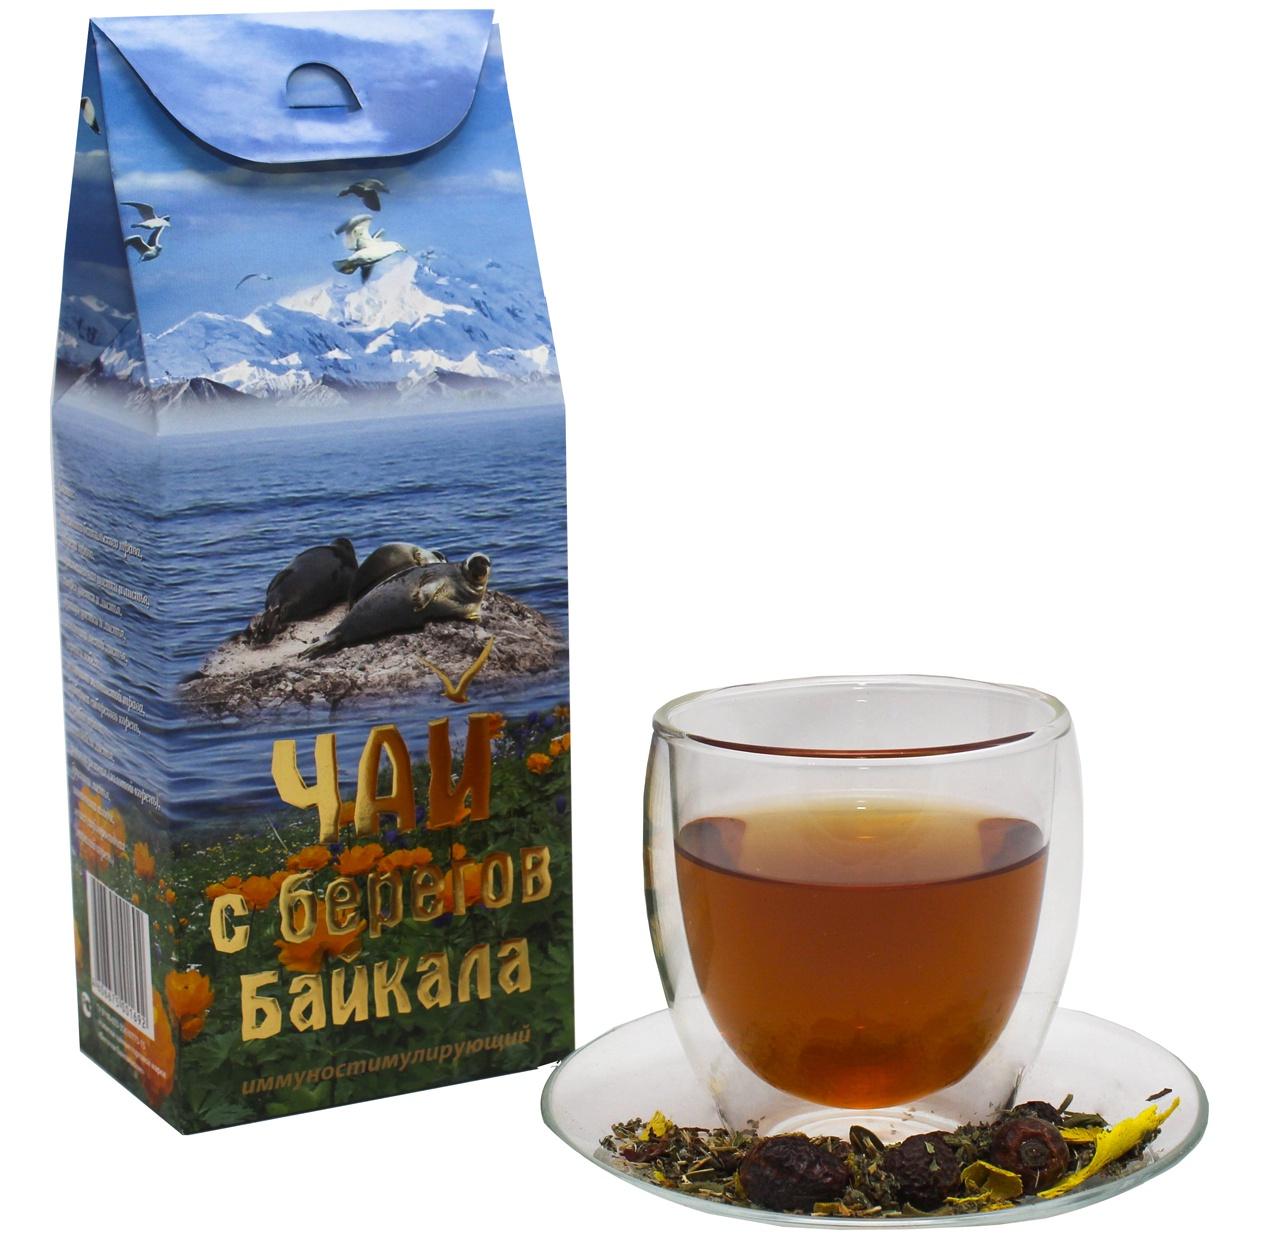 Чай листовой Фиточаи Байкальские С Берегов Байкала иммуностимулирующий, 100 г цена